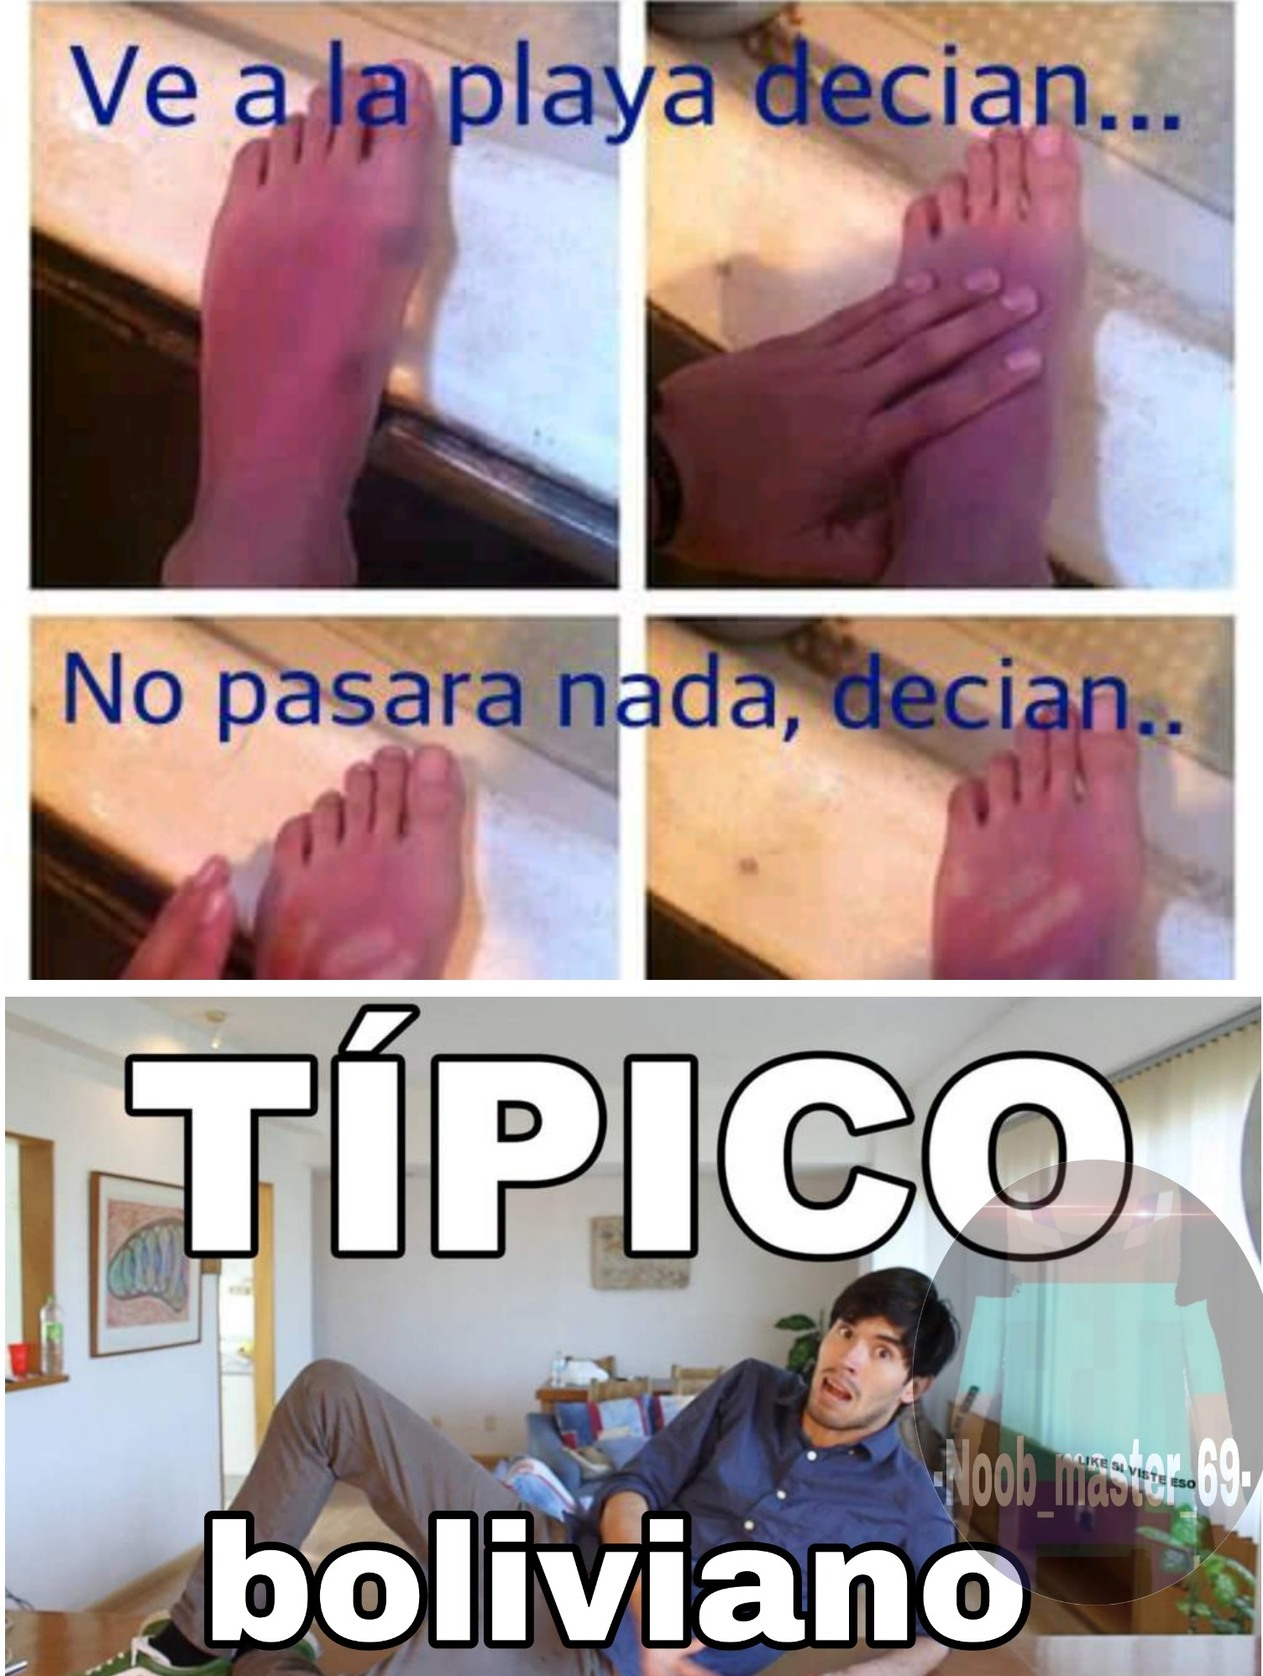 Tipico boliviano - meme